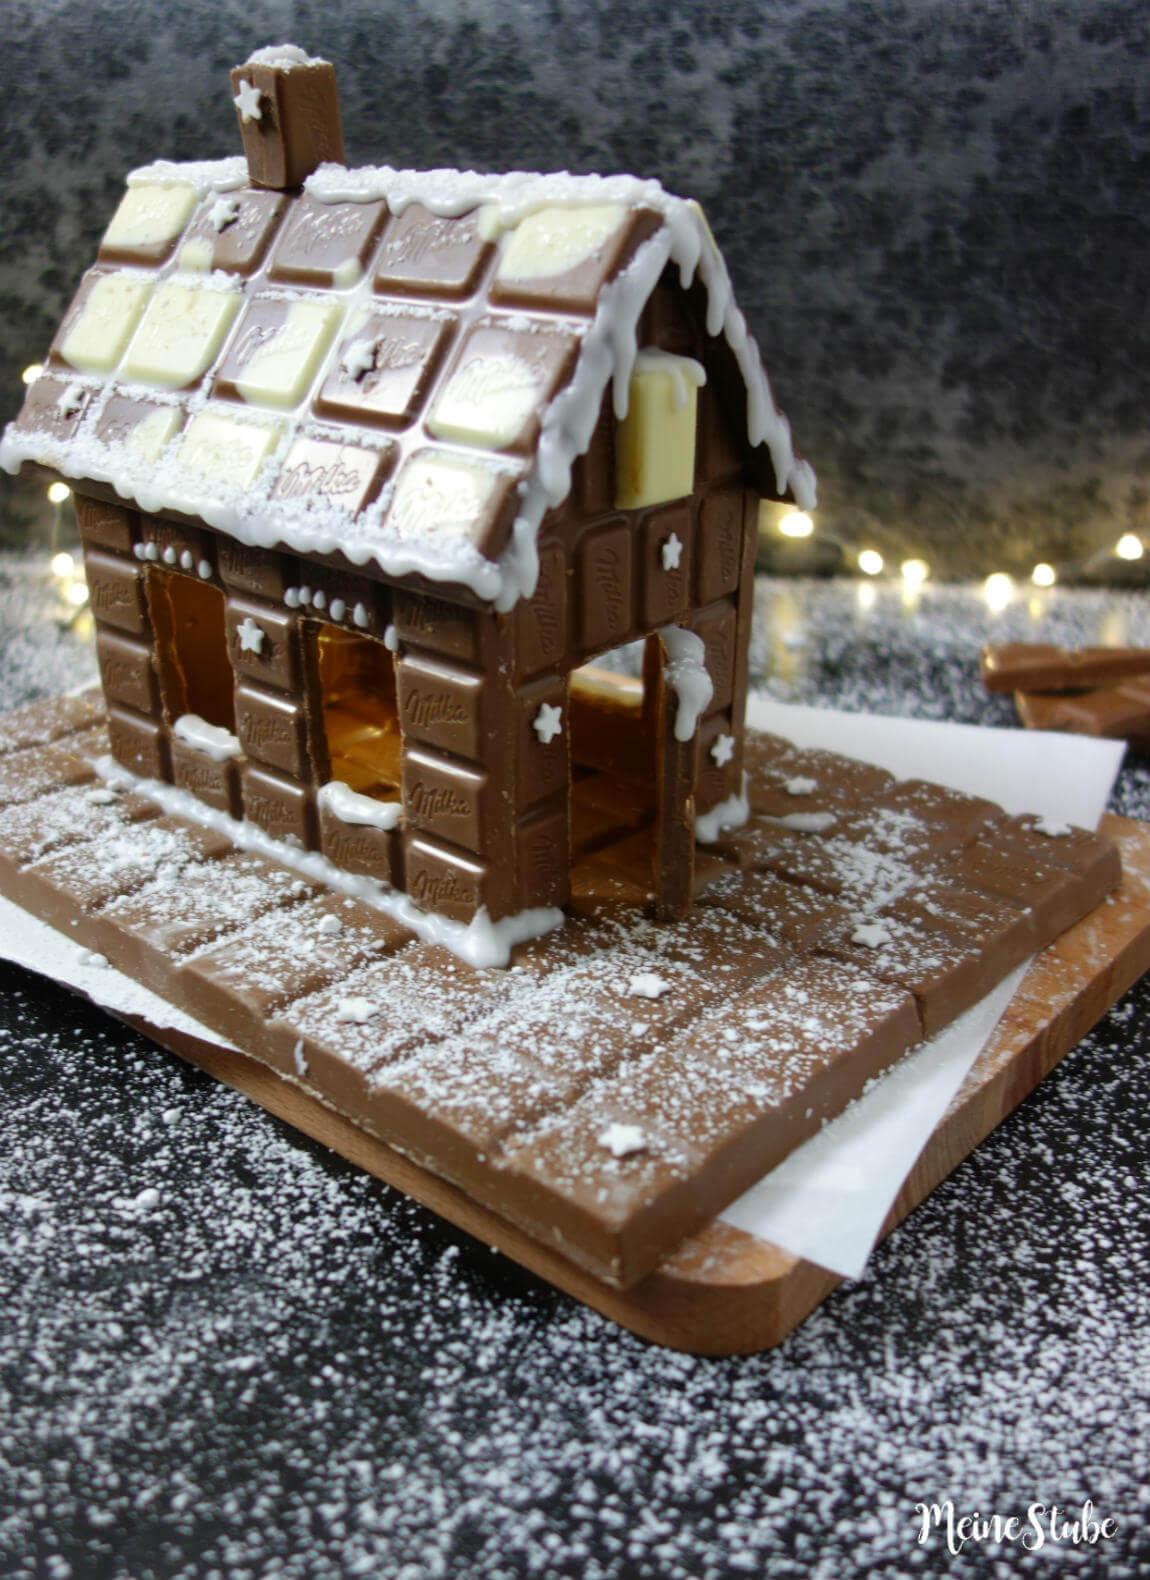 Ein Schokohaus aus Schokoladentafeln bauen